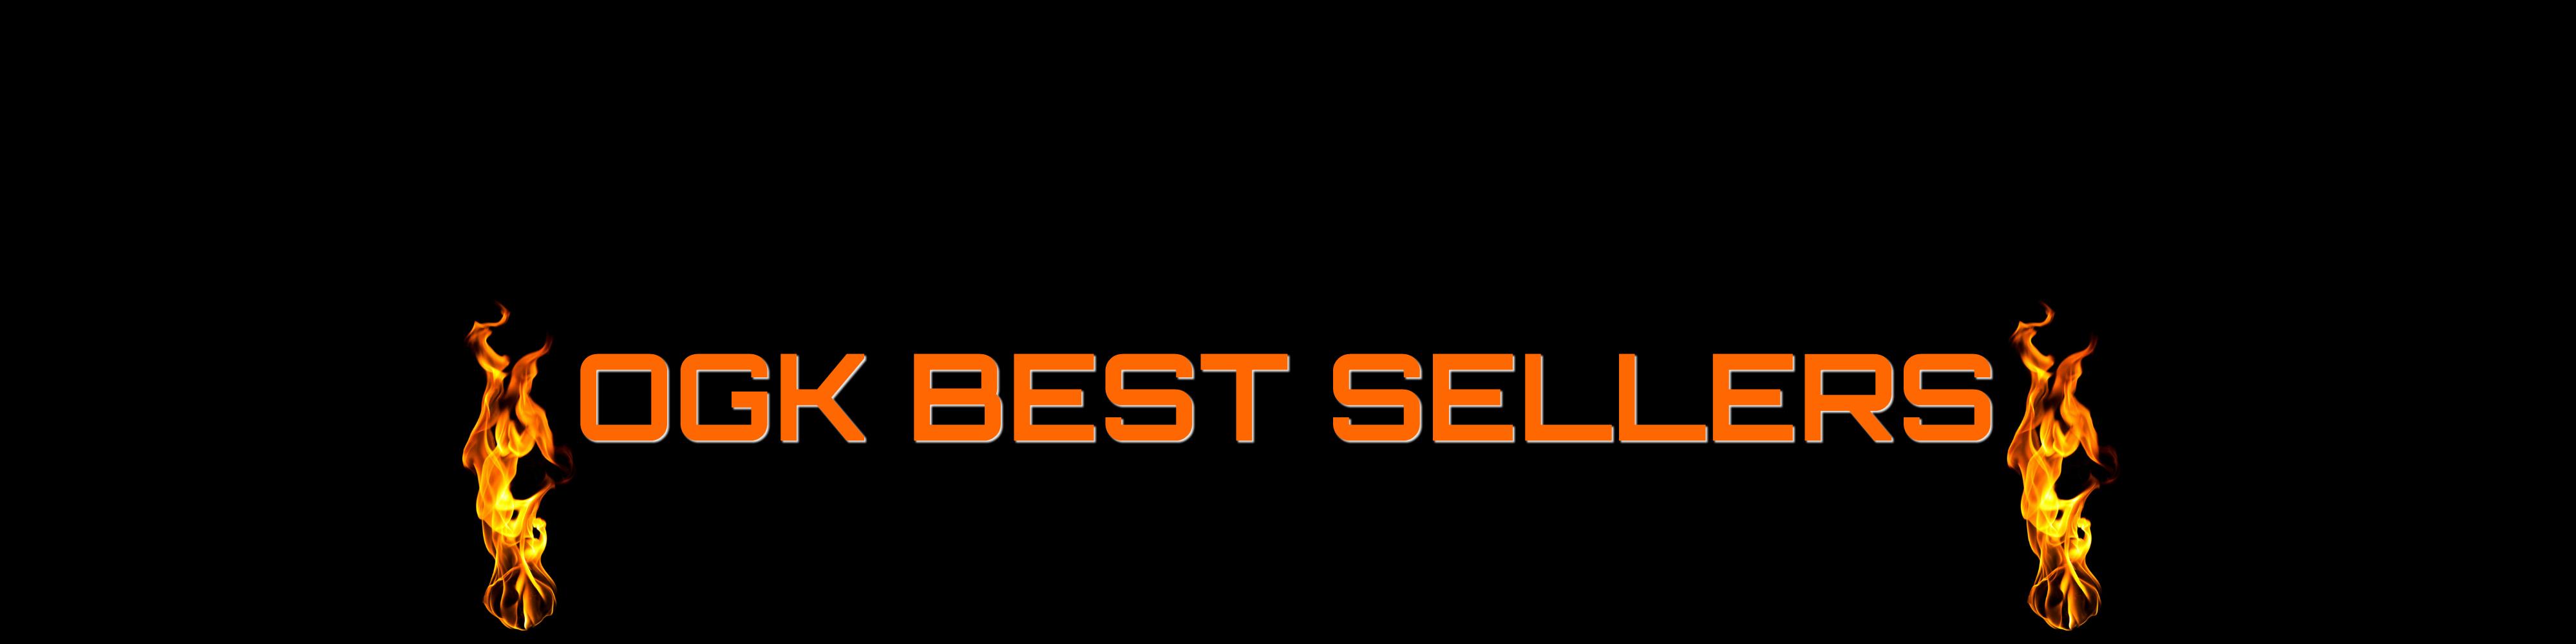 banner-best-sellers-4000x1000.jpg